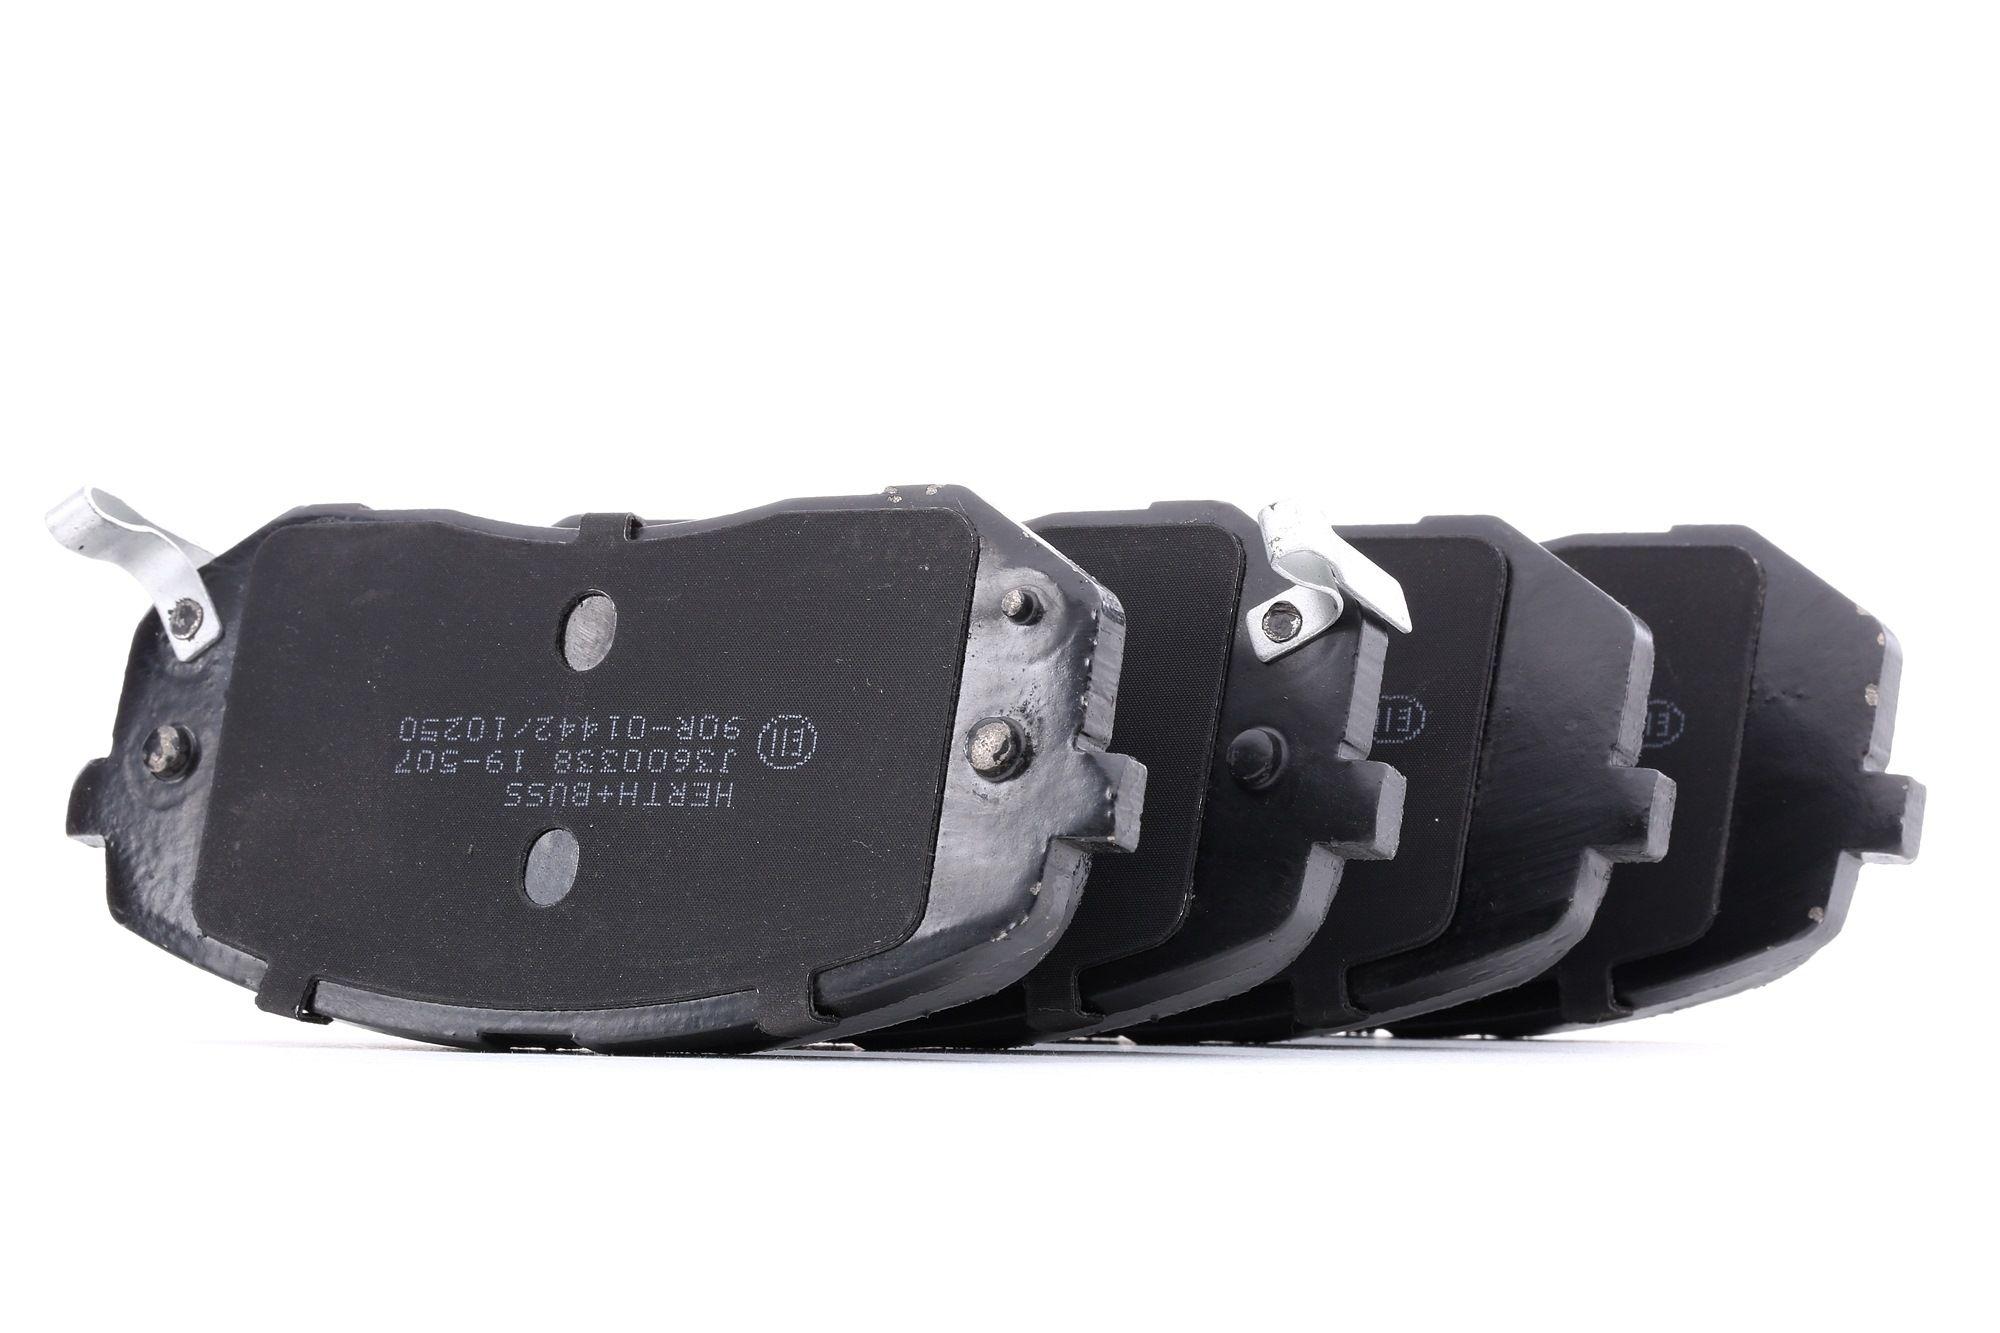 J3600338 HERTH+BUSS JAKOPARTS mit akustischer Verschleißwarnung, mit Anti-Quietsch-Blech Höhe 1: 61mm, Höhe 2: 61mm, Breite 1: 138mm, Breite 2: 138mm, Dicke/Stärke 1: 16,7mm, Dicke/Stärke 2: 16,7mm Bremsbelagsatz, Scheibenbremse J3600338 günstig kaufen